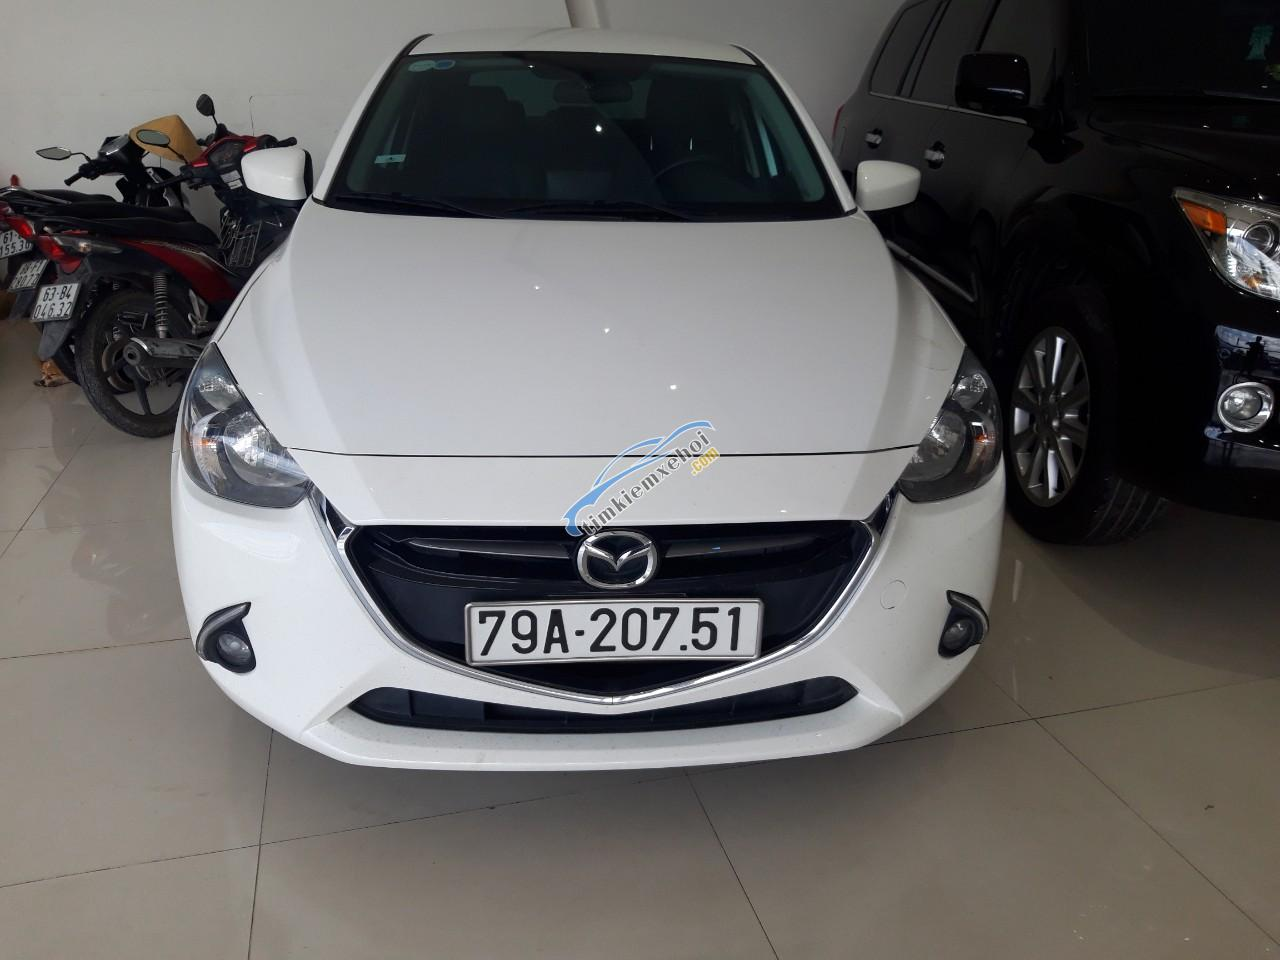 Cần bán Mazda 2 1.5 sản xuất năm 2018, màu trắng giá cạnh tranh